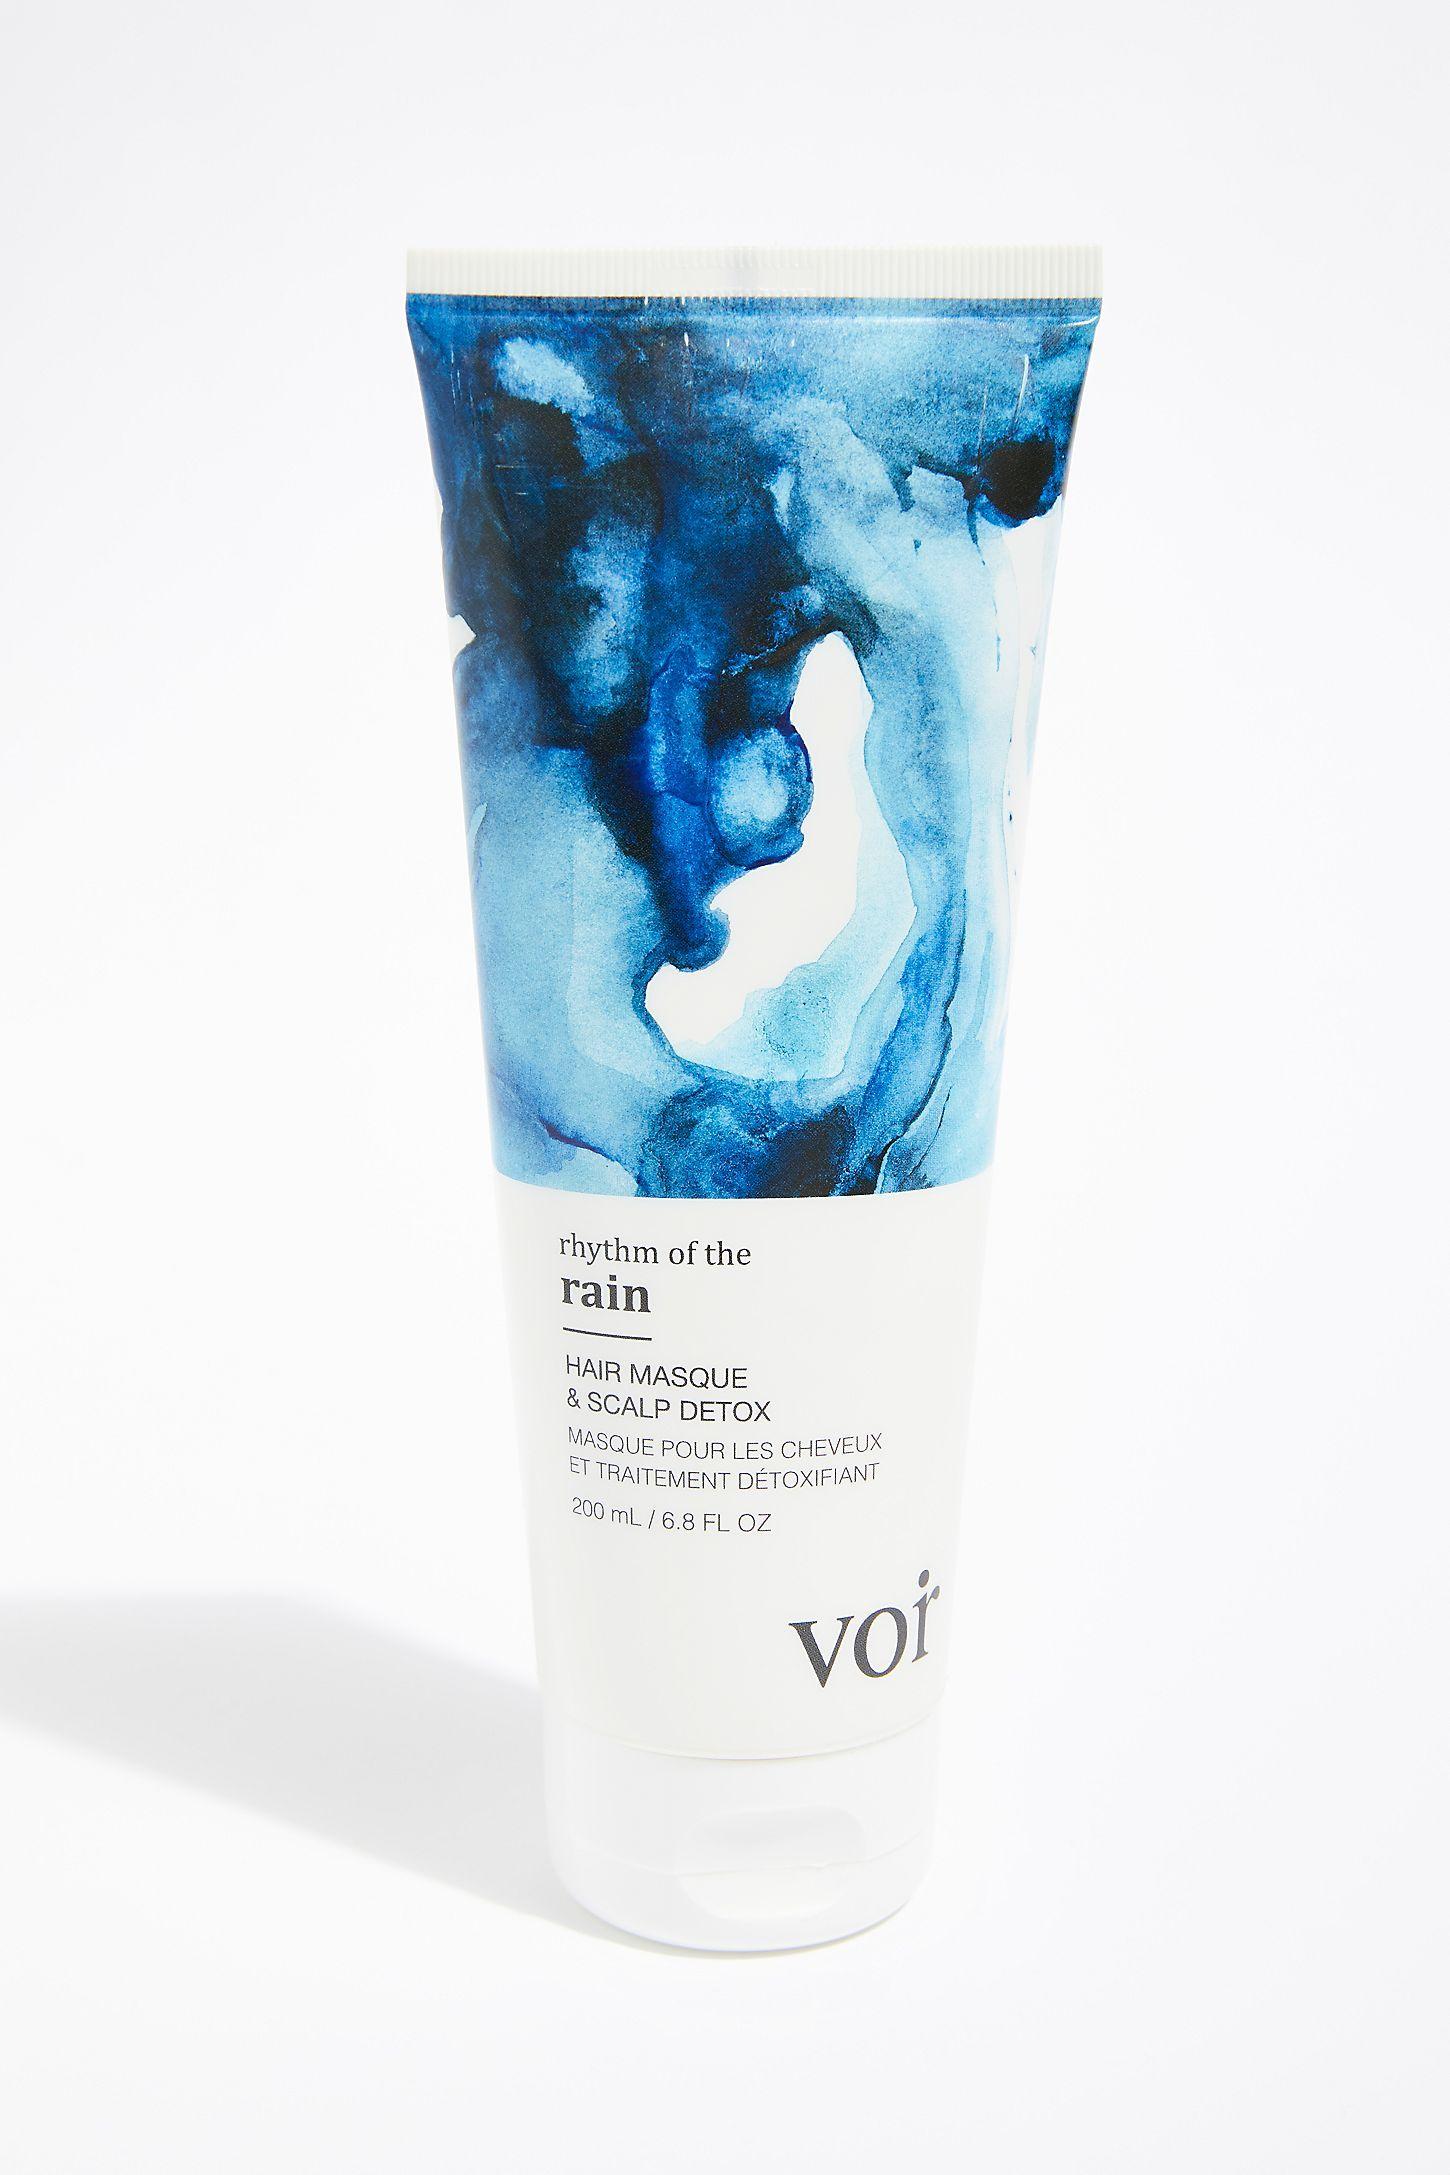 Voir Rhythm Of The Rain Hair Masque Hair masque, Scalp